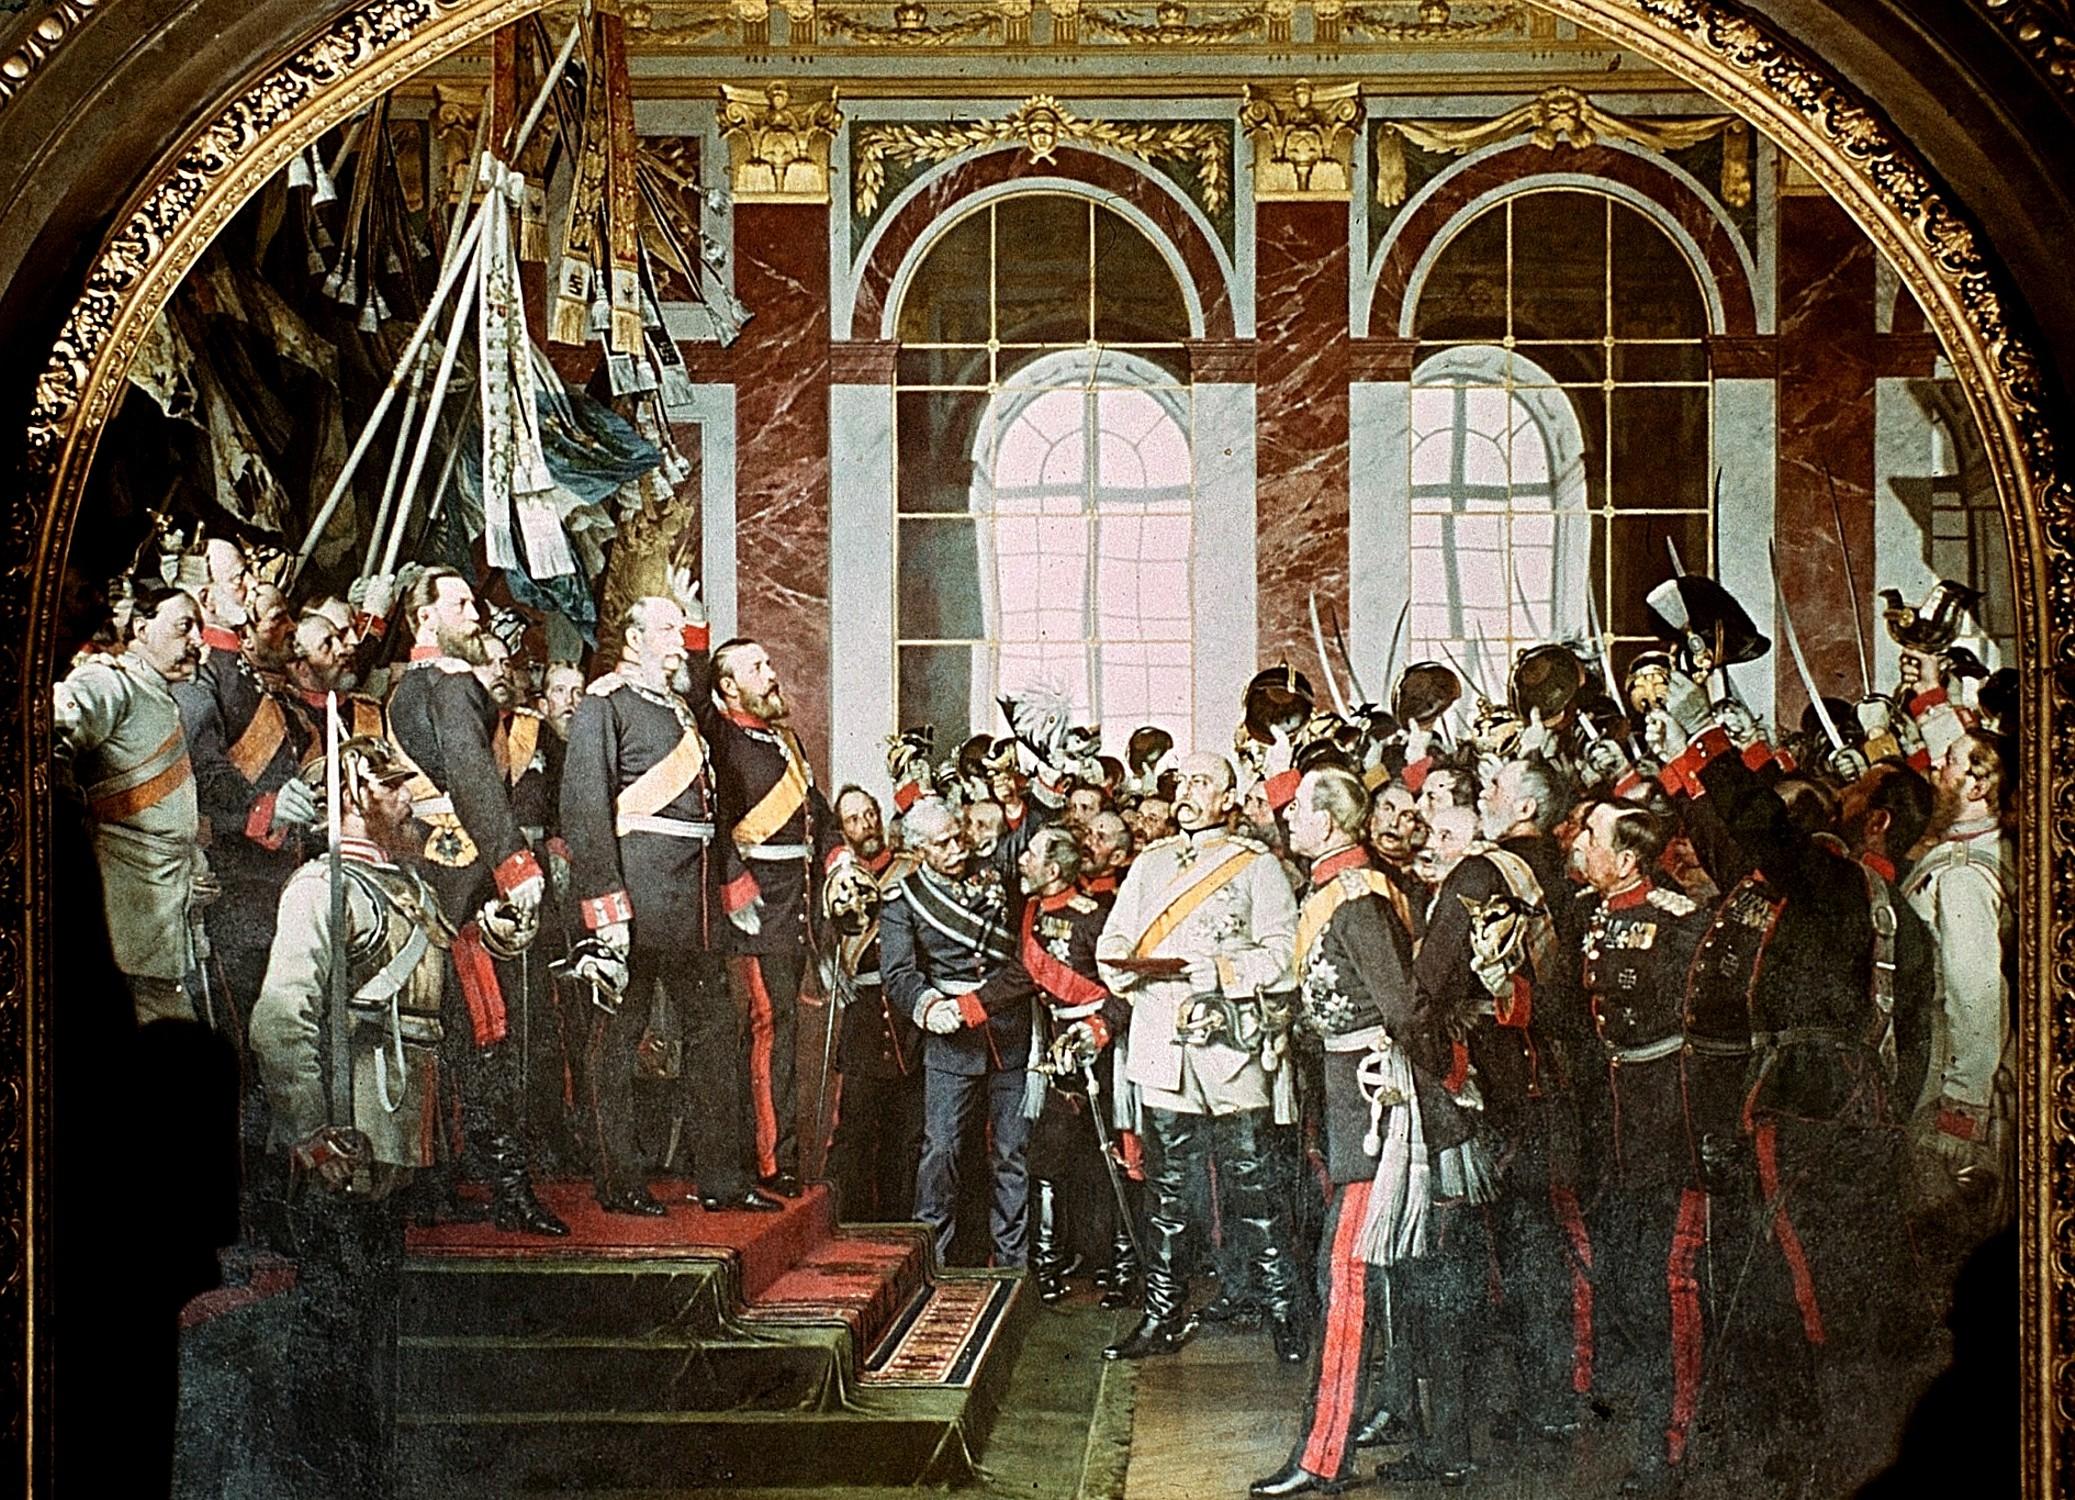 Die Proklamation des Deutschen Kaiserreiches (18. Januar 1871), zweite Fassung des Gemäldes für das Berliner Zeughaus von Anton von Werner, 1882